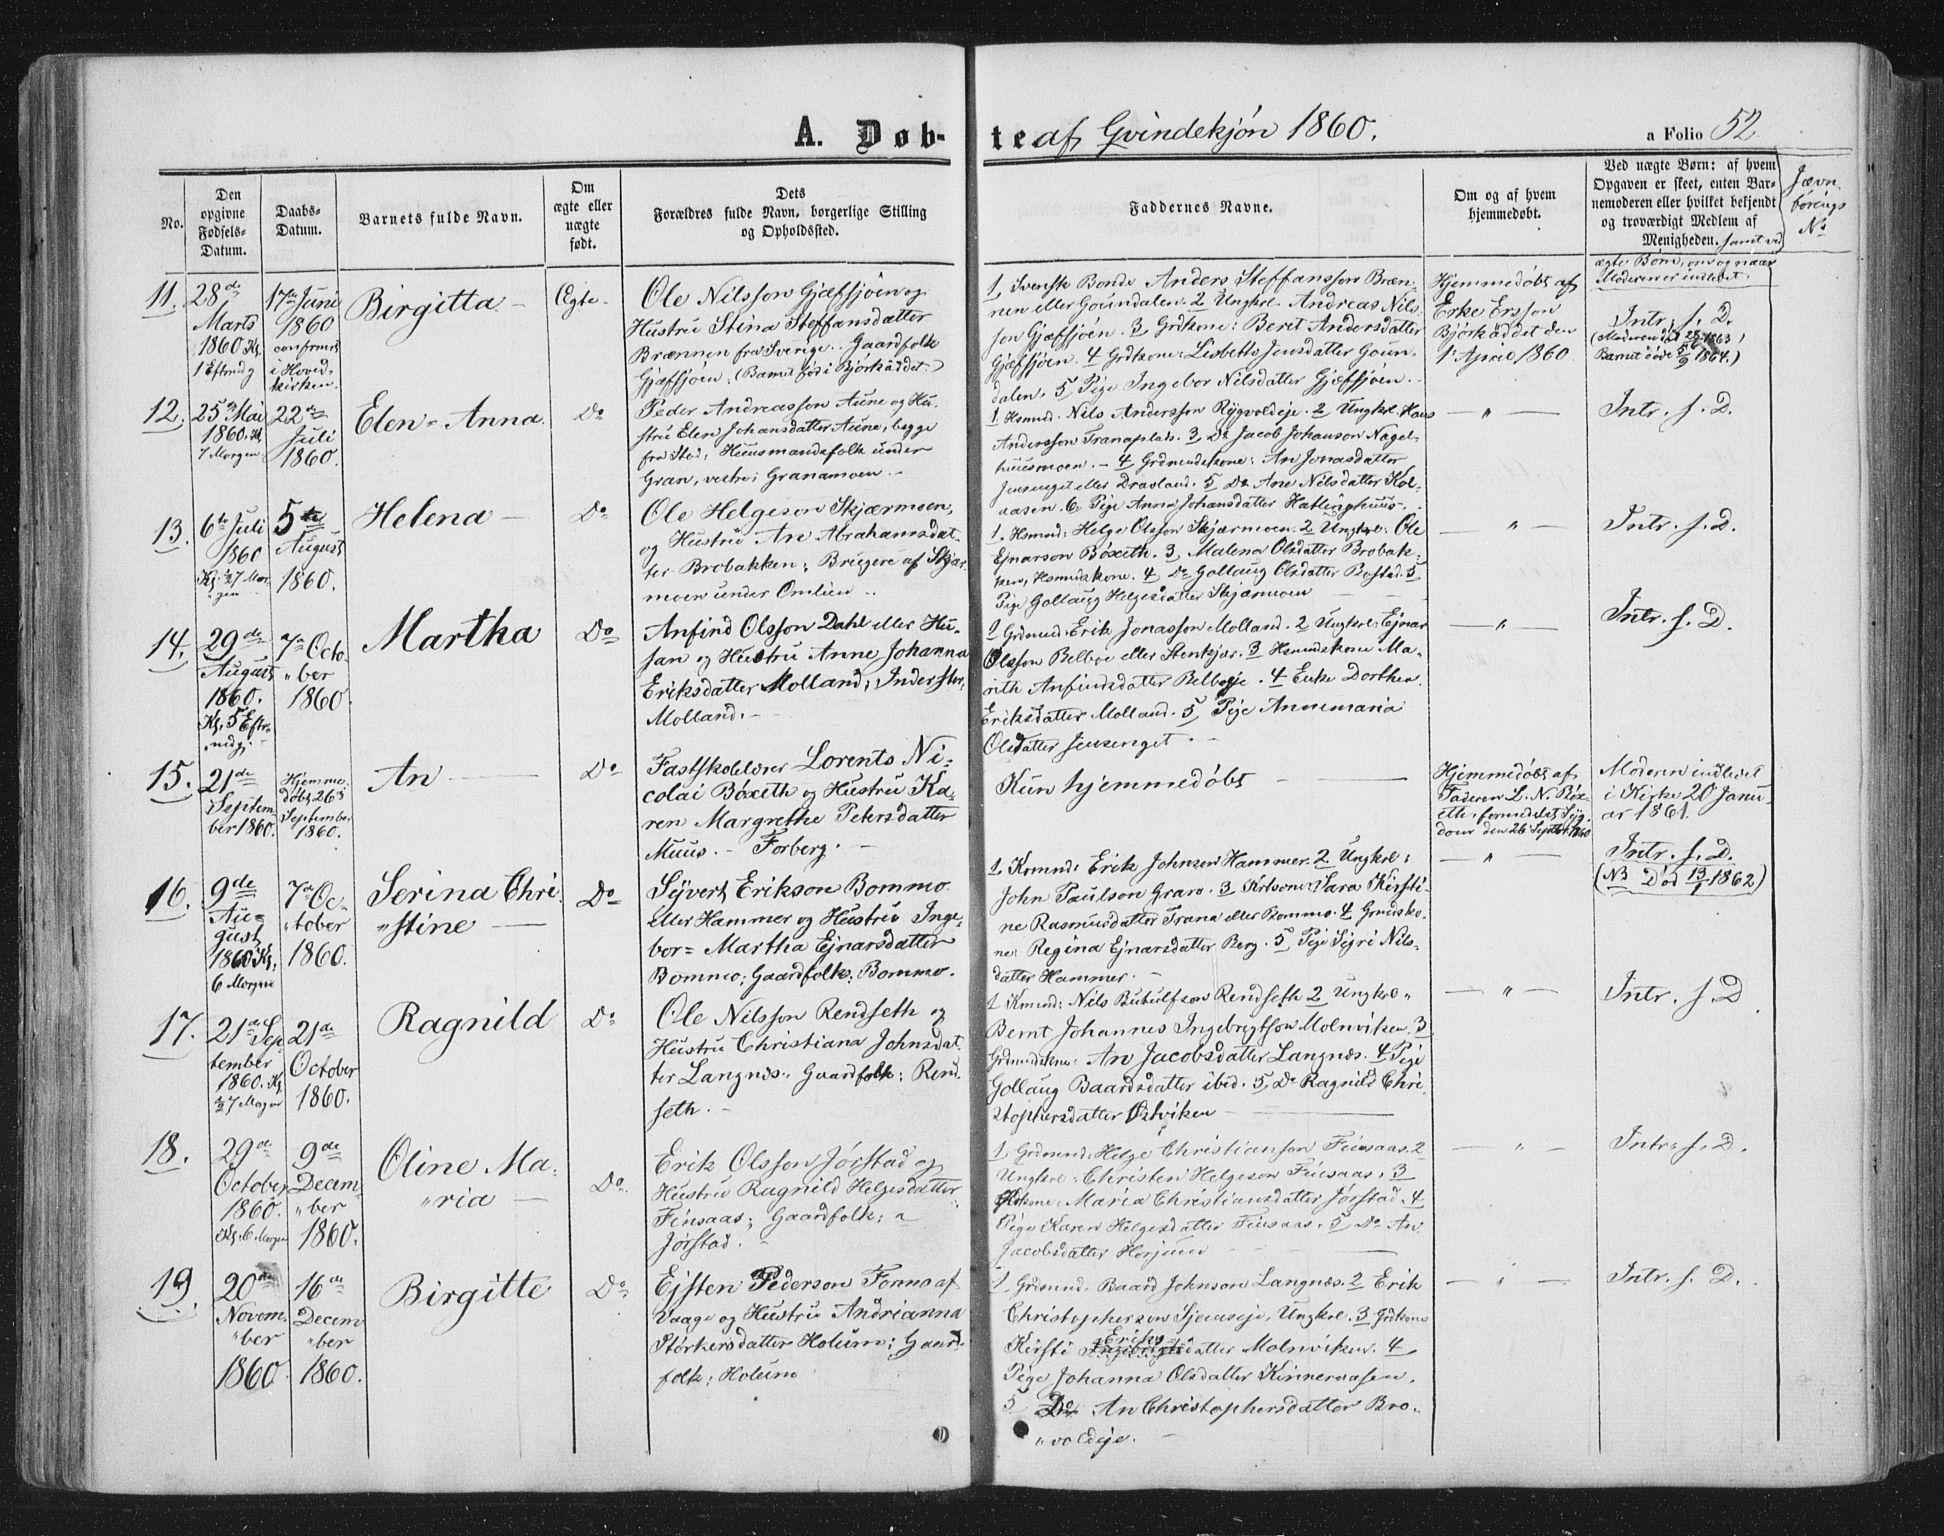 SAT, Ministerialprotokoller, klokkerbøker og fødselsregistre - Nord-Trøndelag, 749/L0472: Ministerialbok nr. 749A06, 1857-1873, s. 52